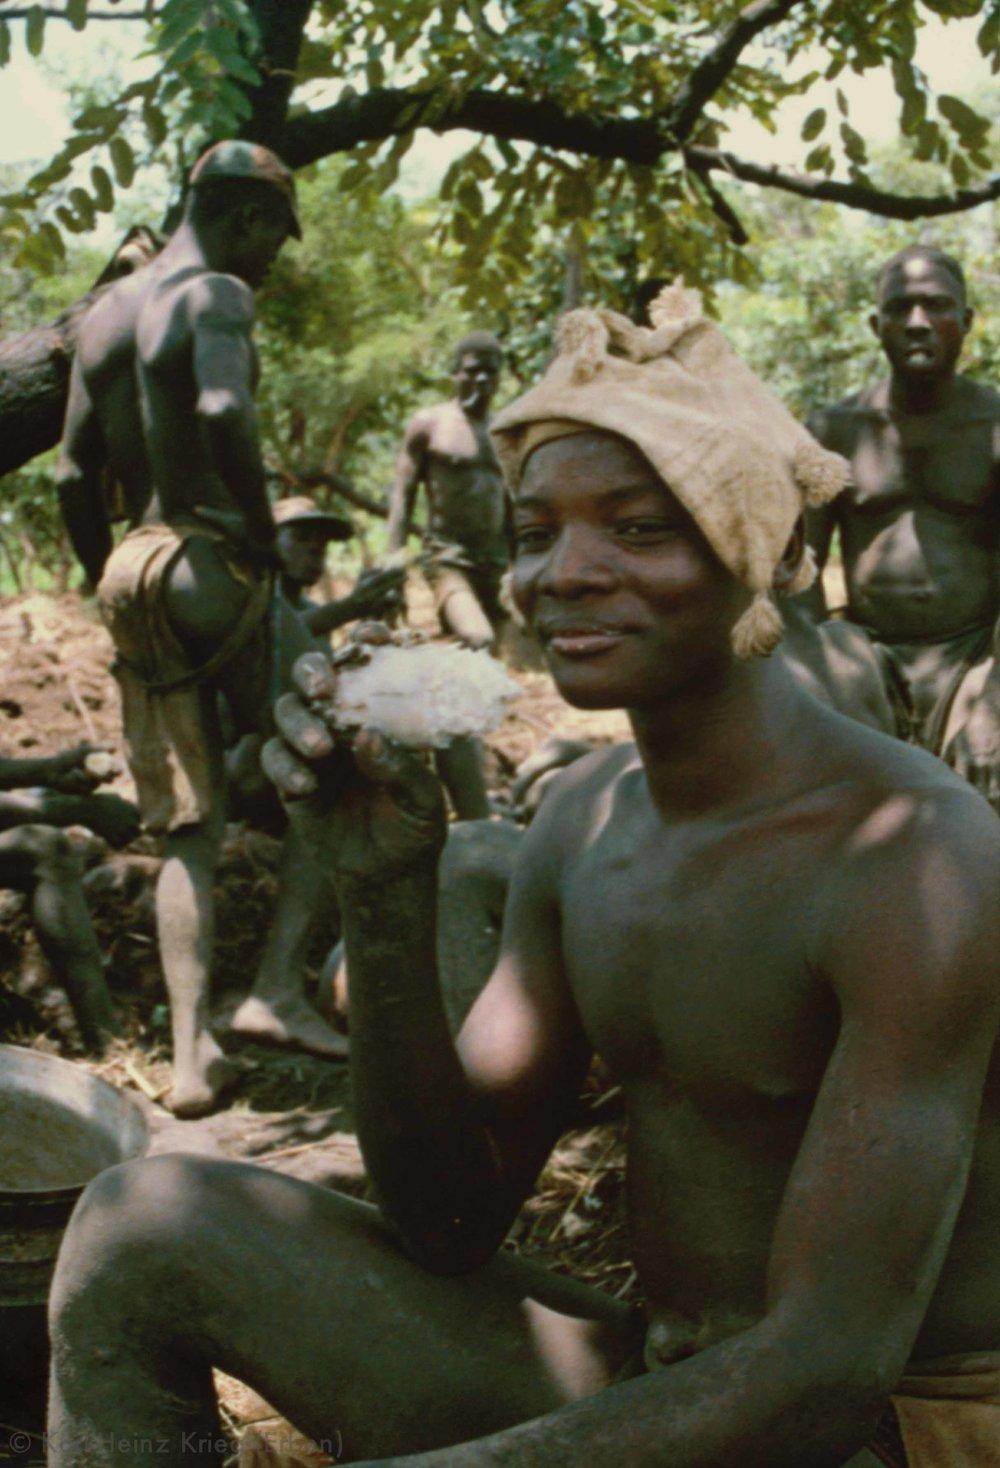 Mittagspause beim Feldbau-Wettbewerb in Kounoumon. Die  Plale  essen gerösteten Yams. Der junge Mann trägt eine baumwollene Jadmütze. Foto: Karl-Heinz Krieg, Kounoumon (Region von Boundiali, Côte d'Ivoire), 1980